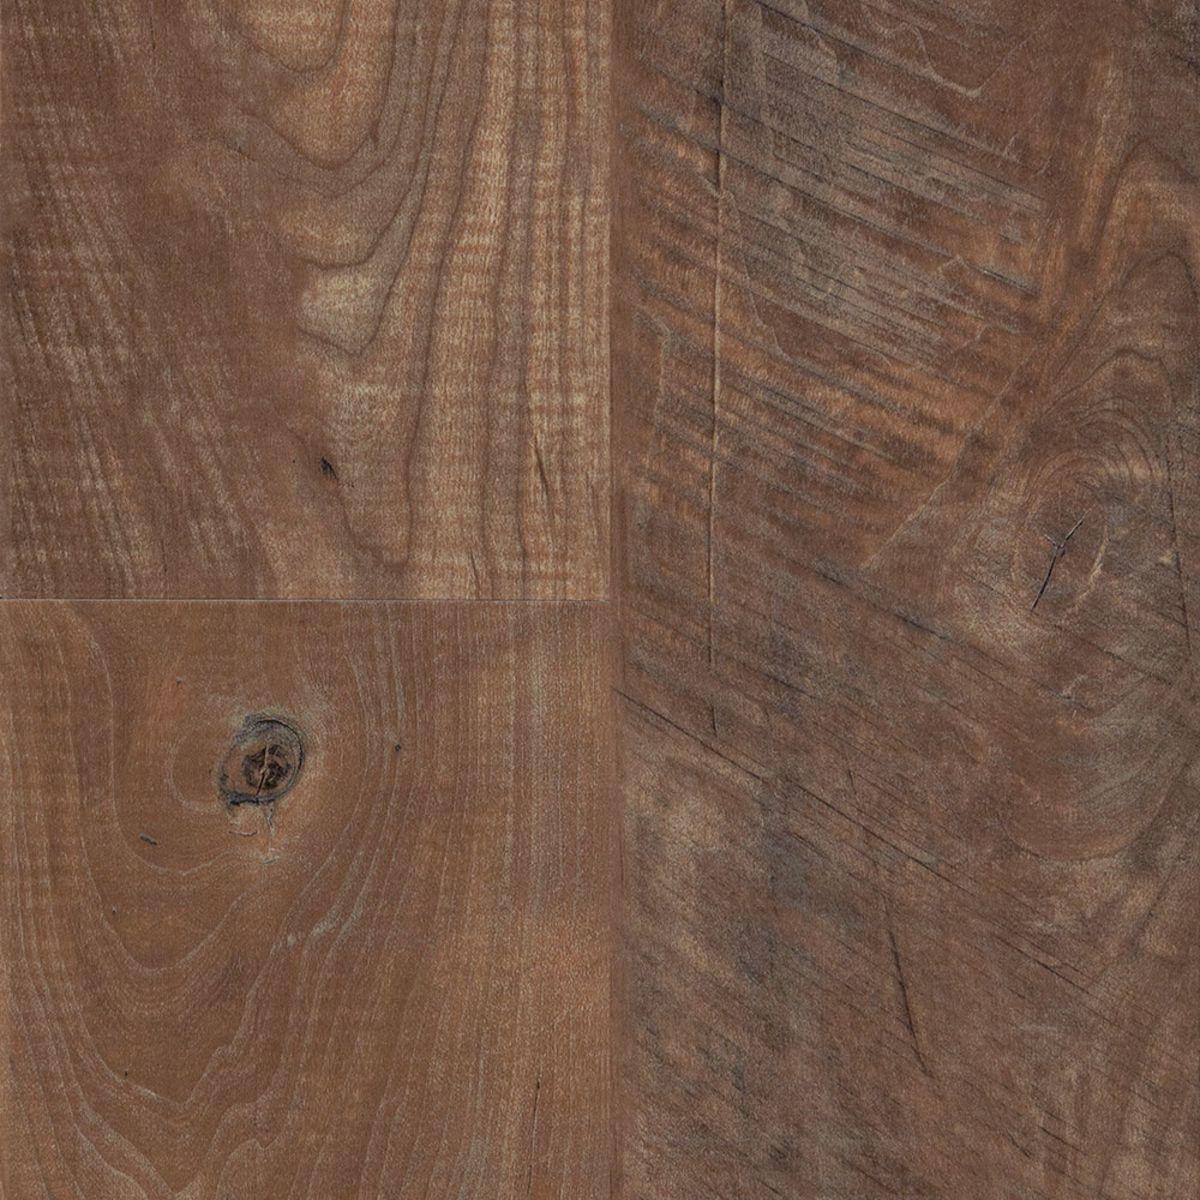 Luxury Vinyl Mannington Adura Rigid Plank Heritage Timber